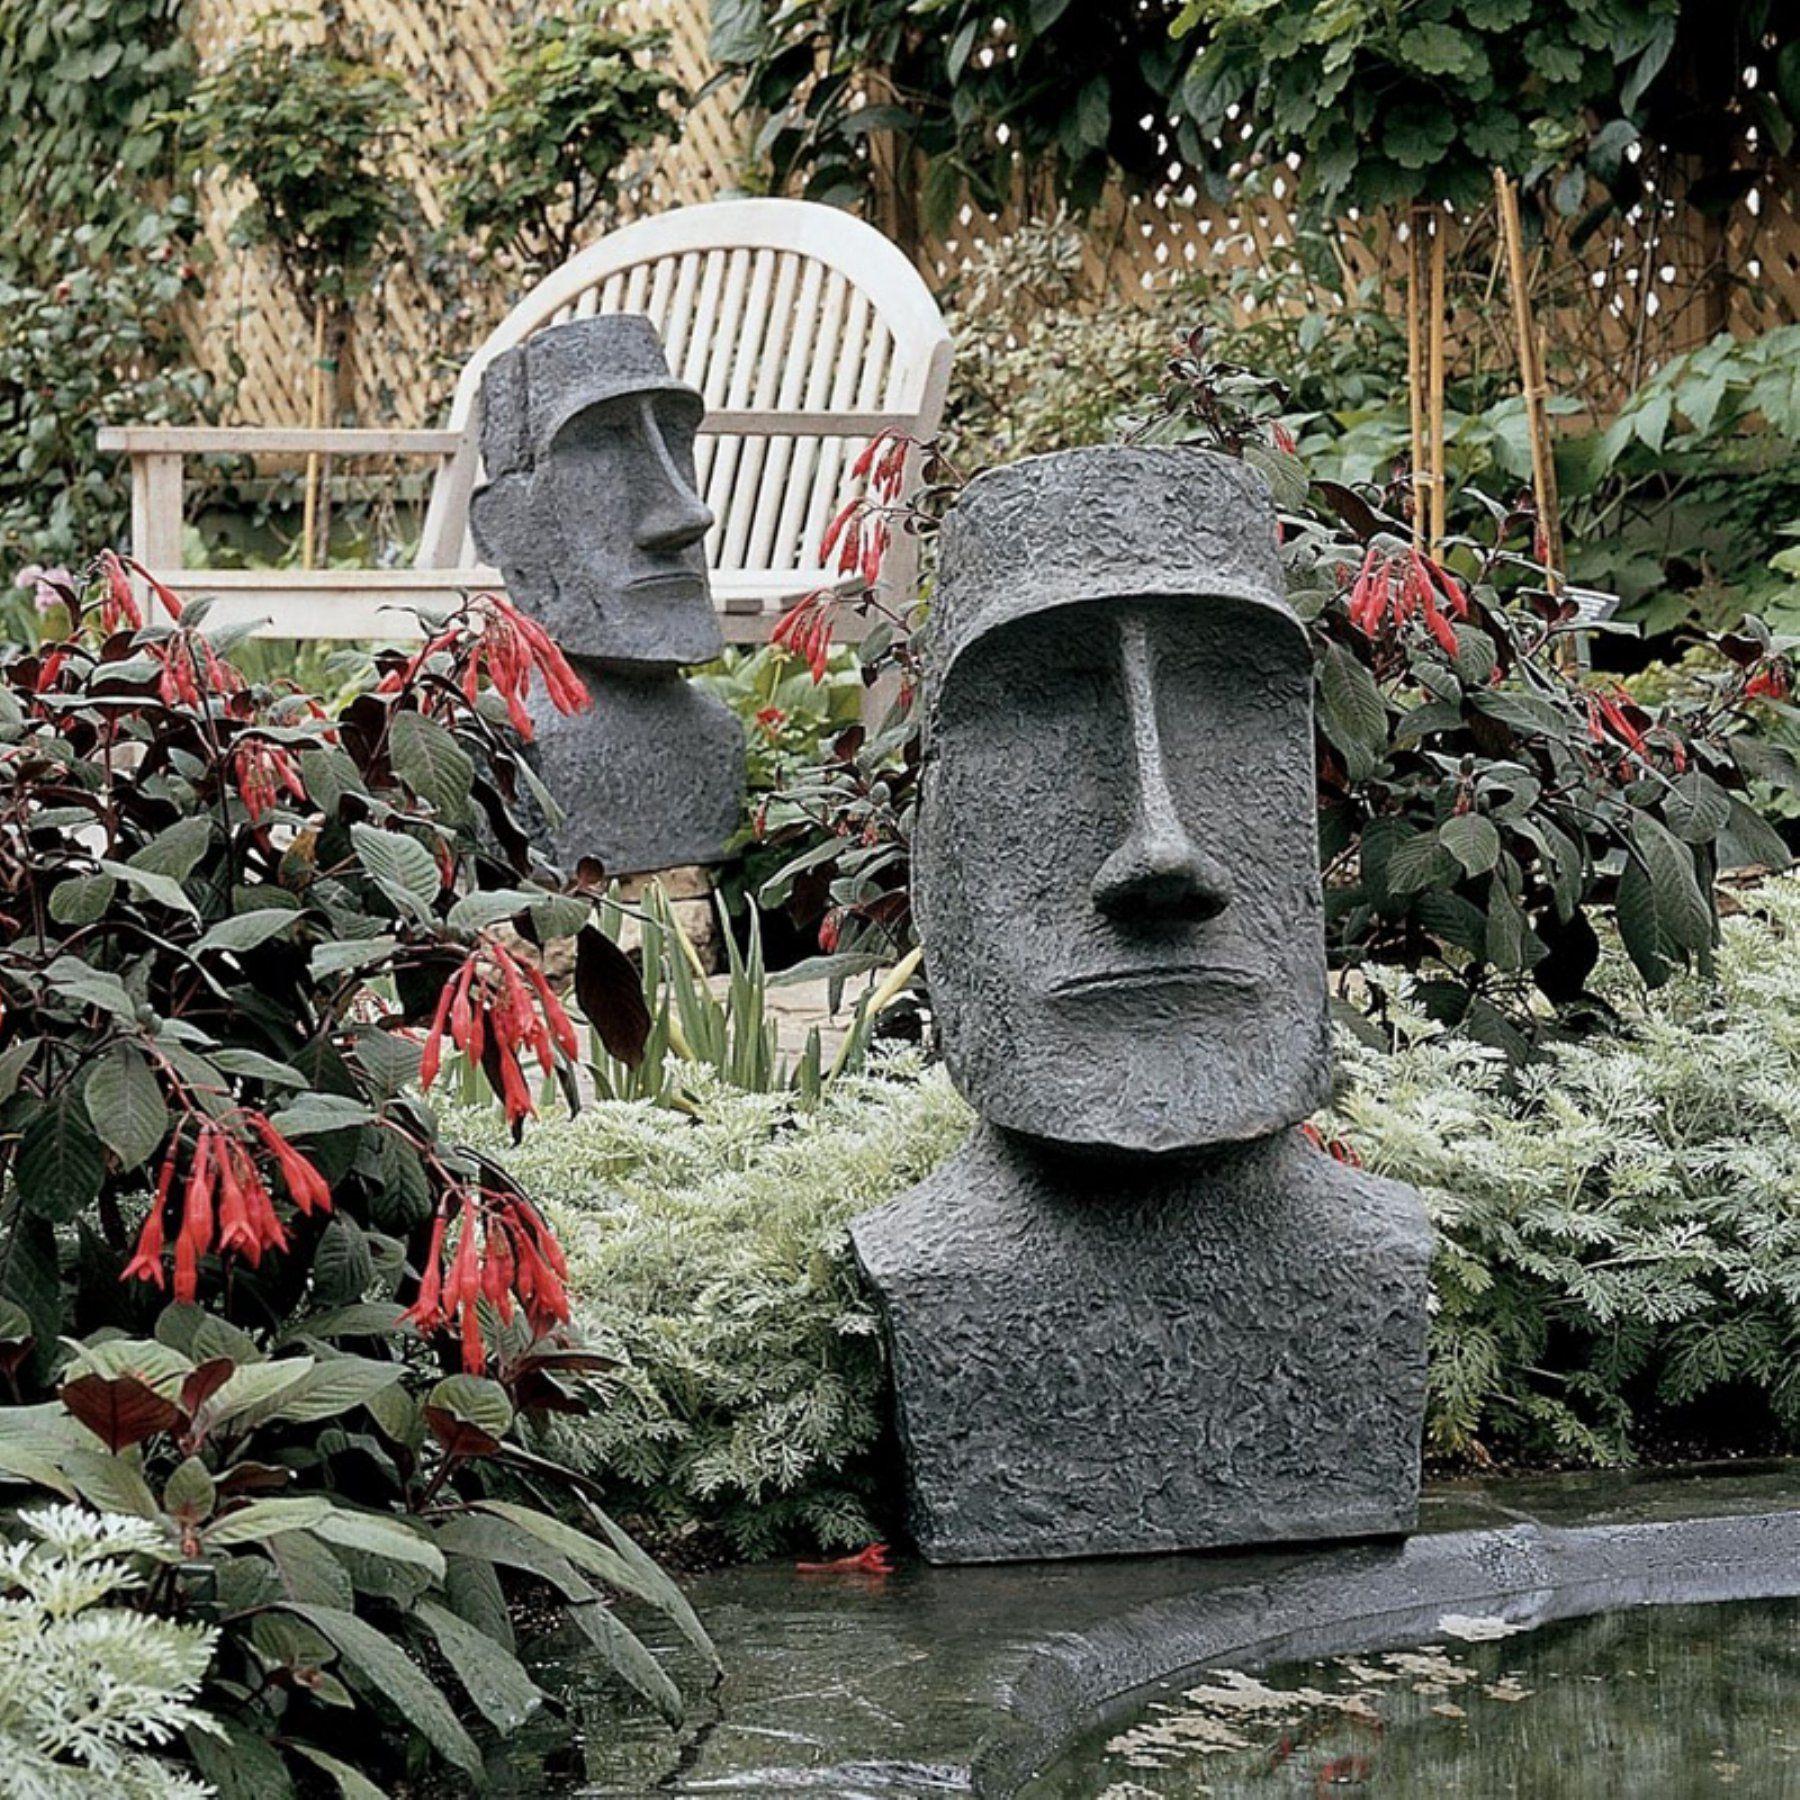 Design Toscano Easter Island Moai Monolith Garden Statue Db555